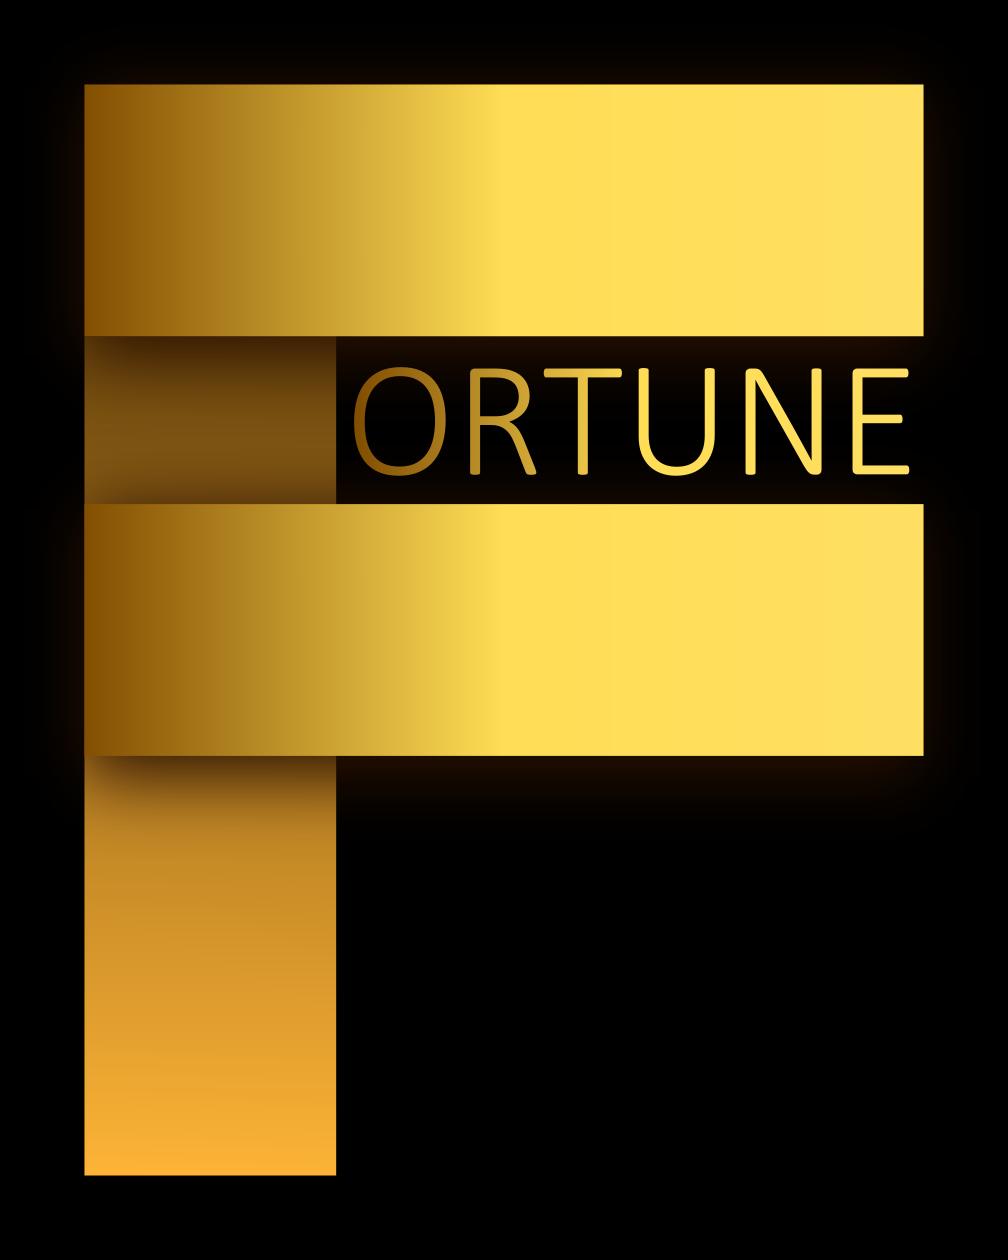 logotyp dla projektu fortune